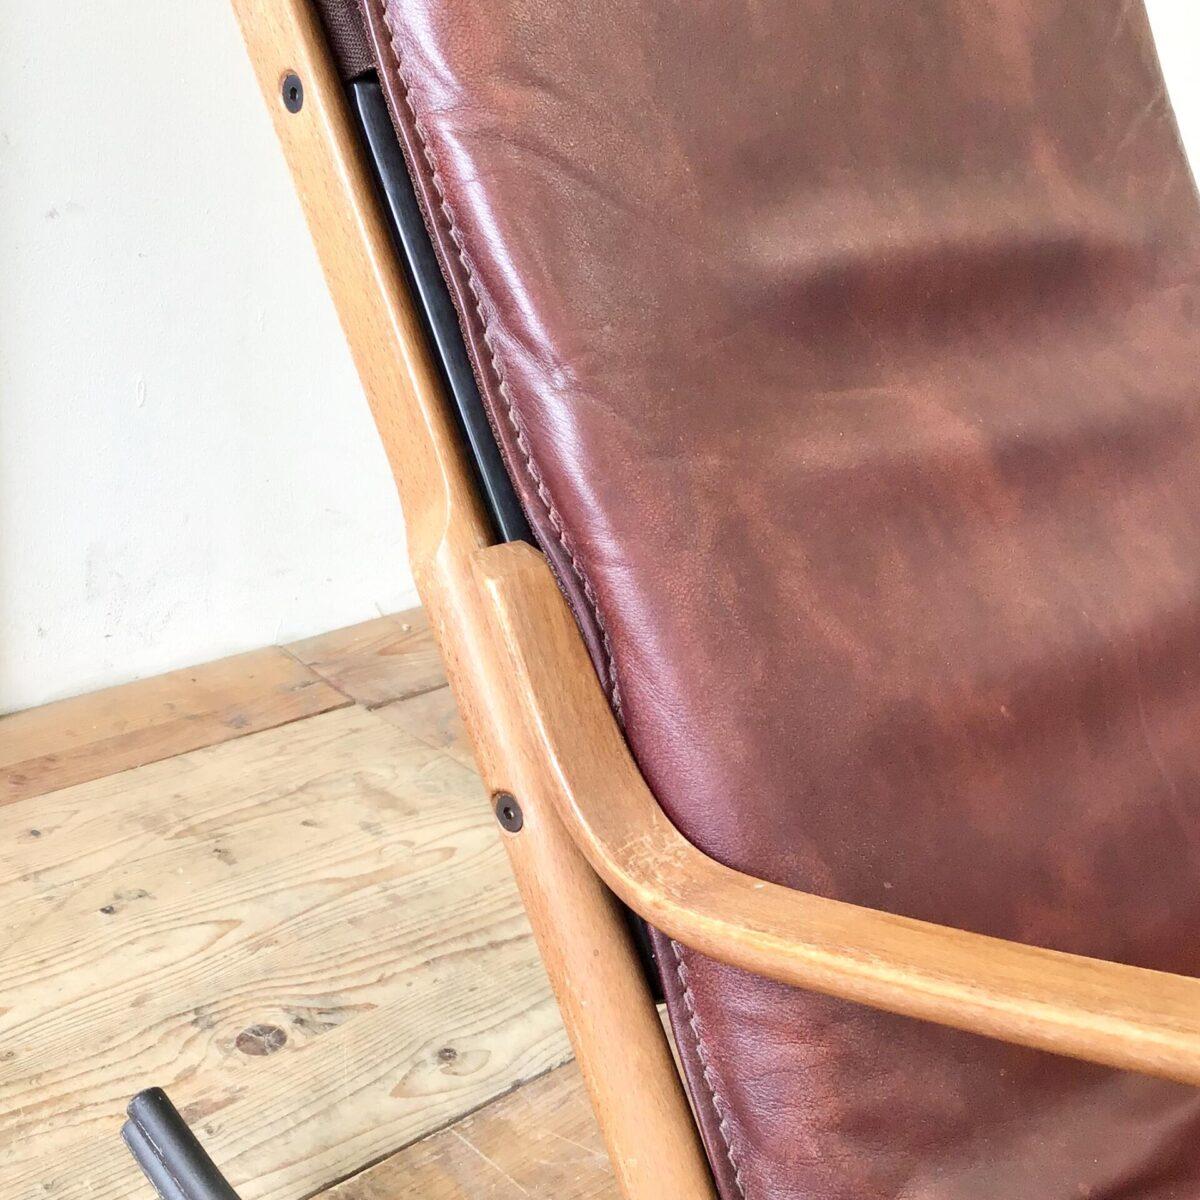 Schweizer Schaukelstuhl von Paul Tuttle für Strässle 70er Jahre.  Material Rötliches Leder, Buchenholz und Metall. Ein paar altersbedingte Gebrauchsspuren, der Lack auf den Armlehnen ist etwas abgewetzt. Technisch in einwandfreiem Stabilen Zustand. Sitzhöhe 42cm, Breite 56cm, Tiefe 98cm, Gesamthöhe 94cm.